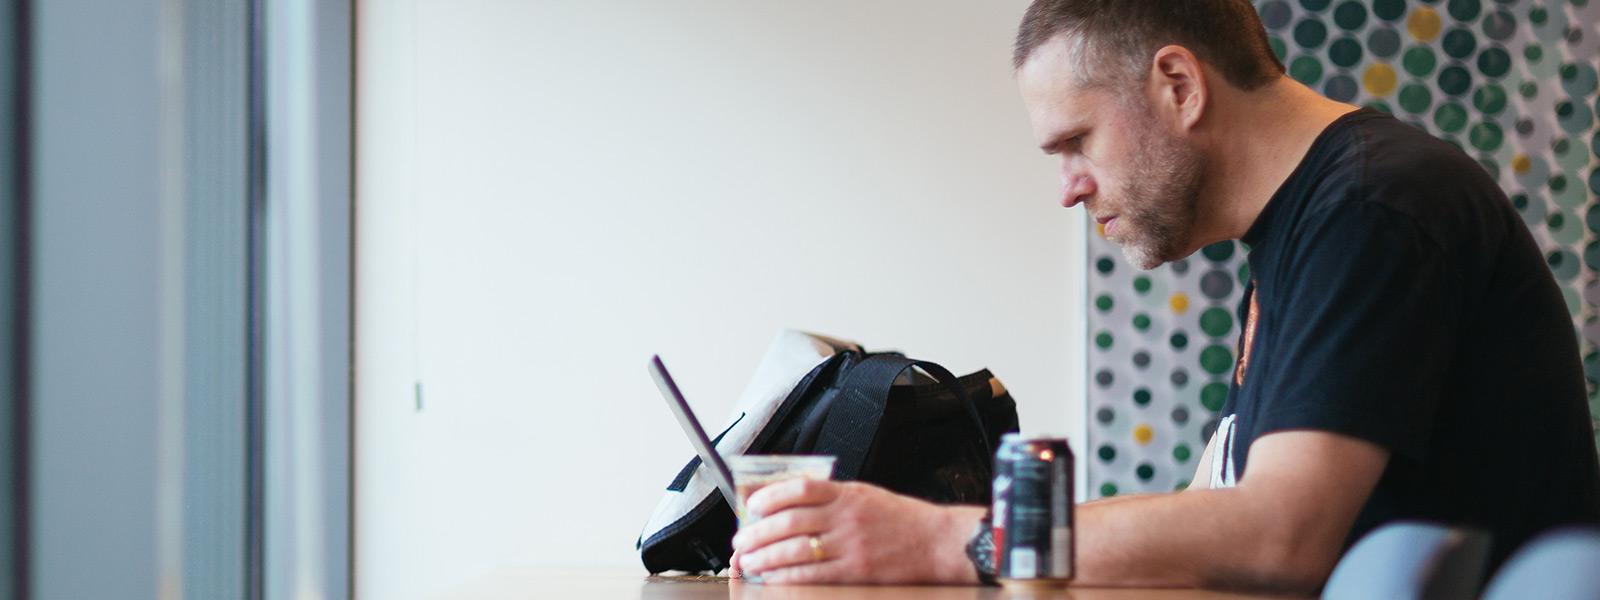 Un homme assis à un bureau travaillant avec son ordinateur Windows10